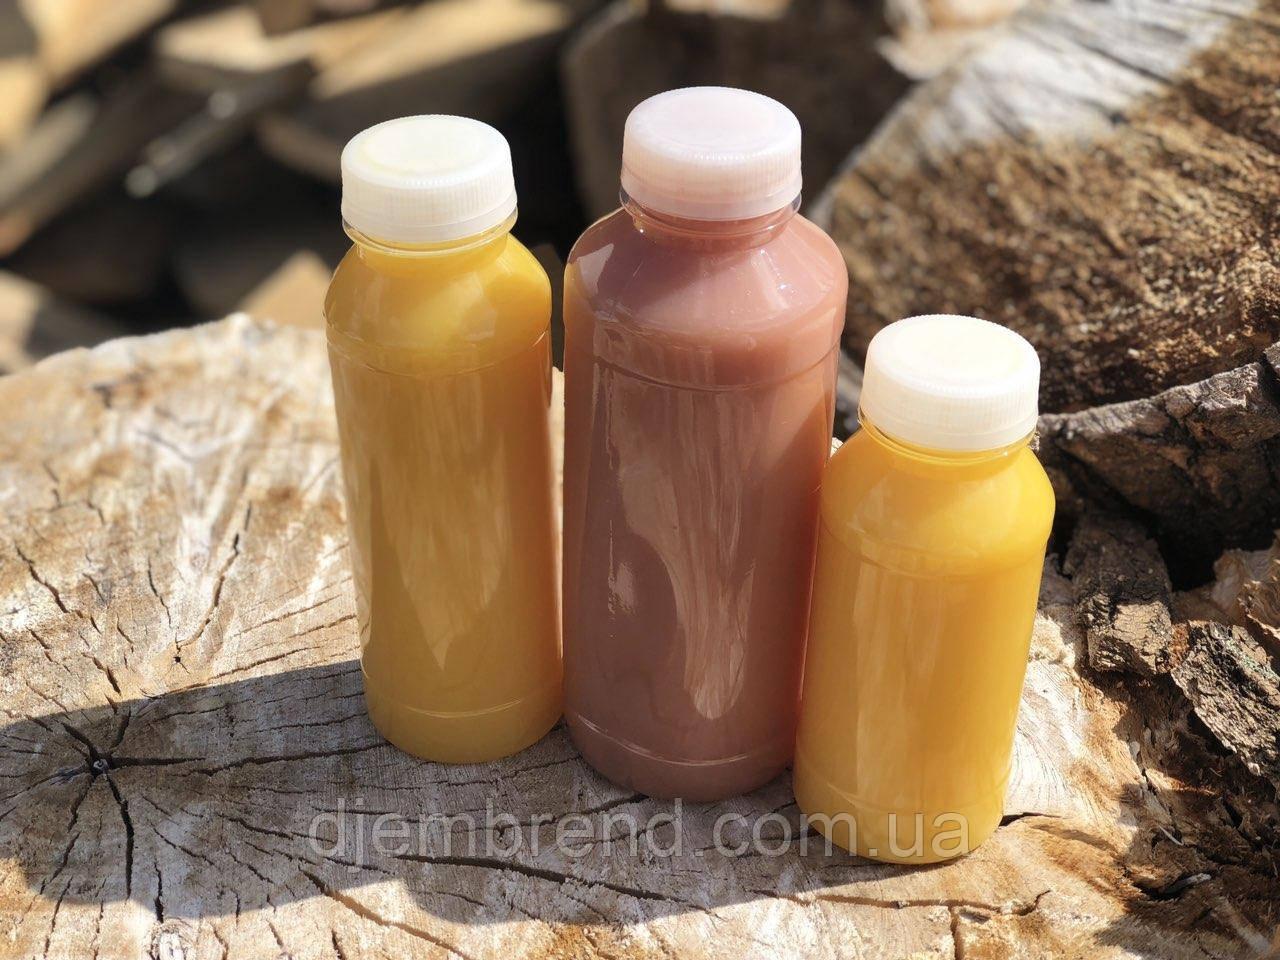 Бутылка пластиковая под соки, смузи и фрешы 200 мл. Доставка по Киеву от 50 штук в упаковке.